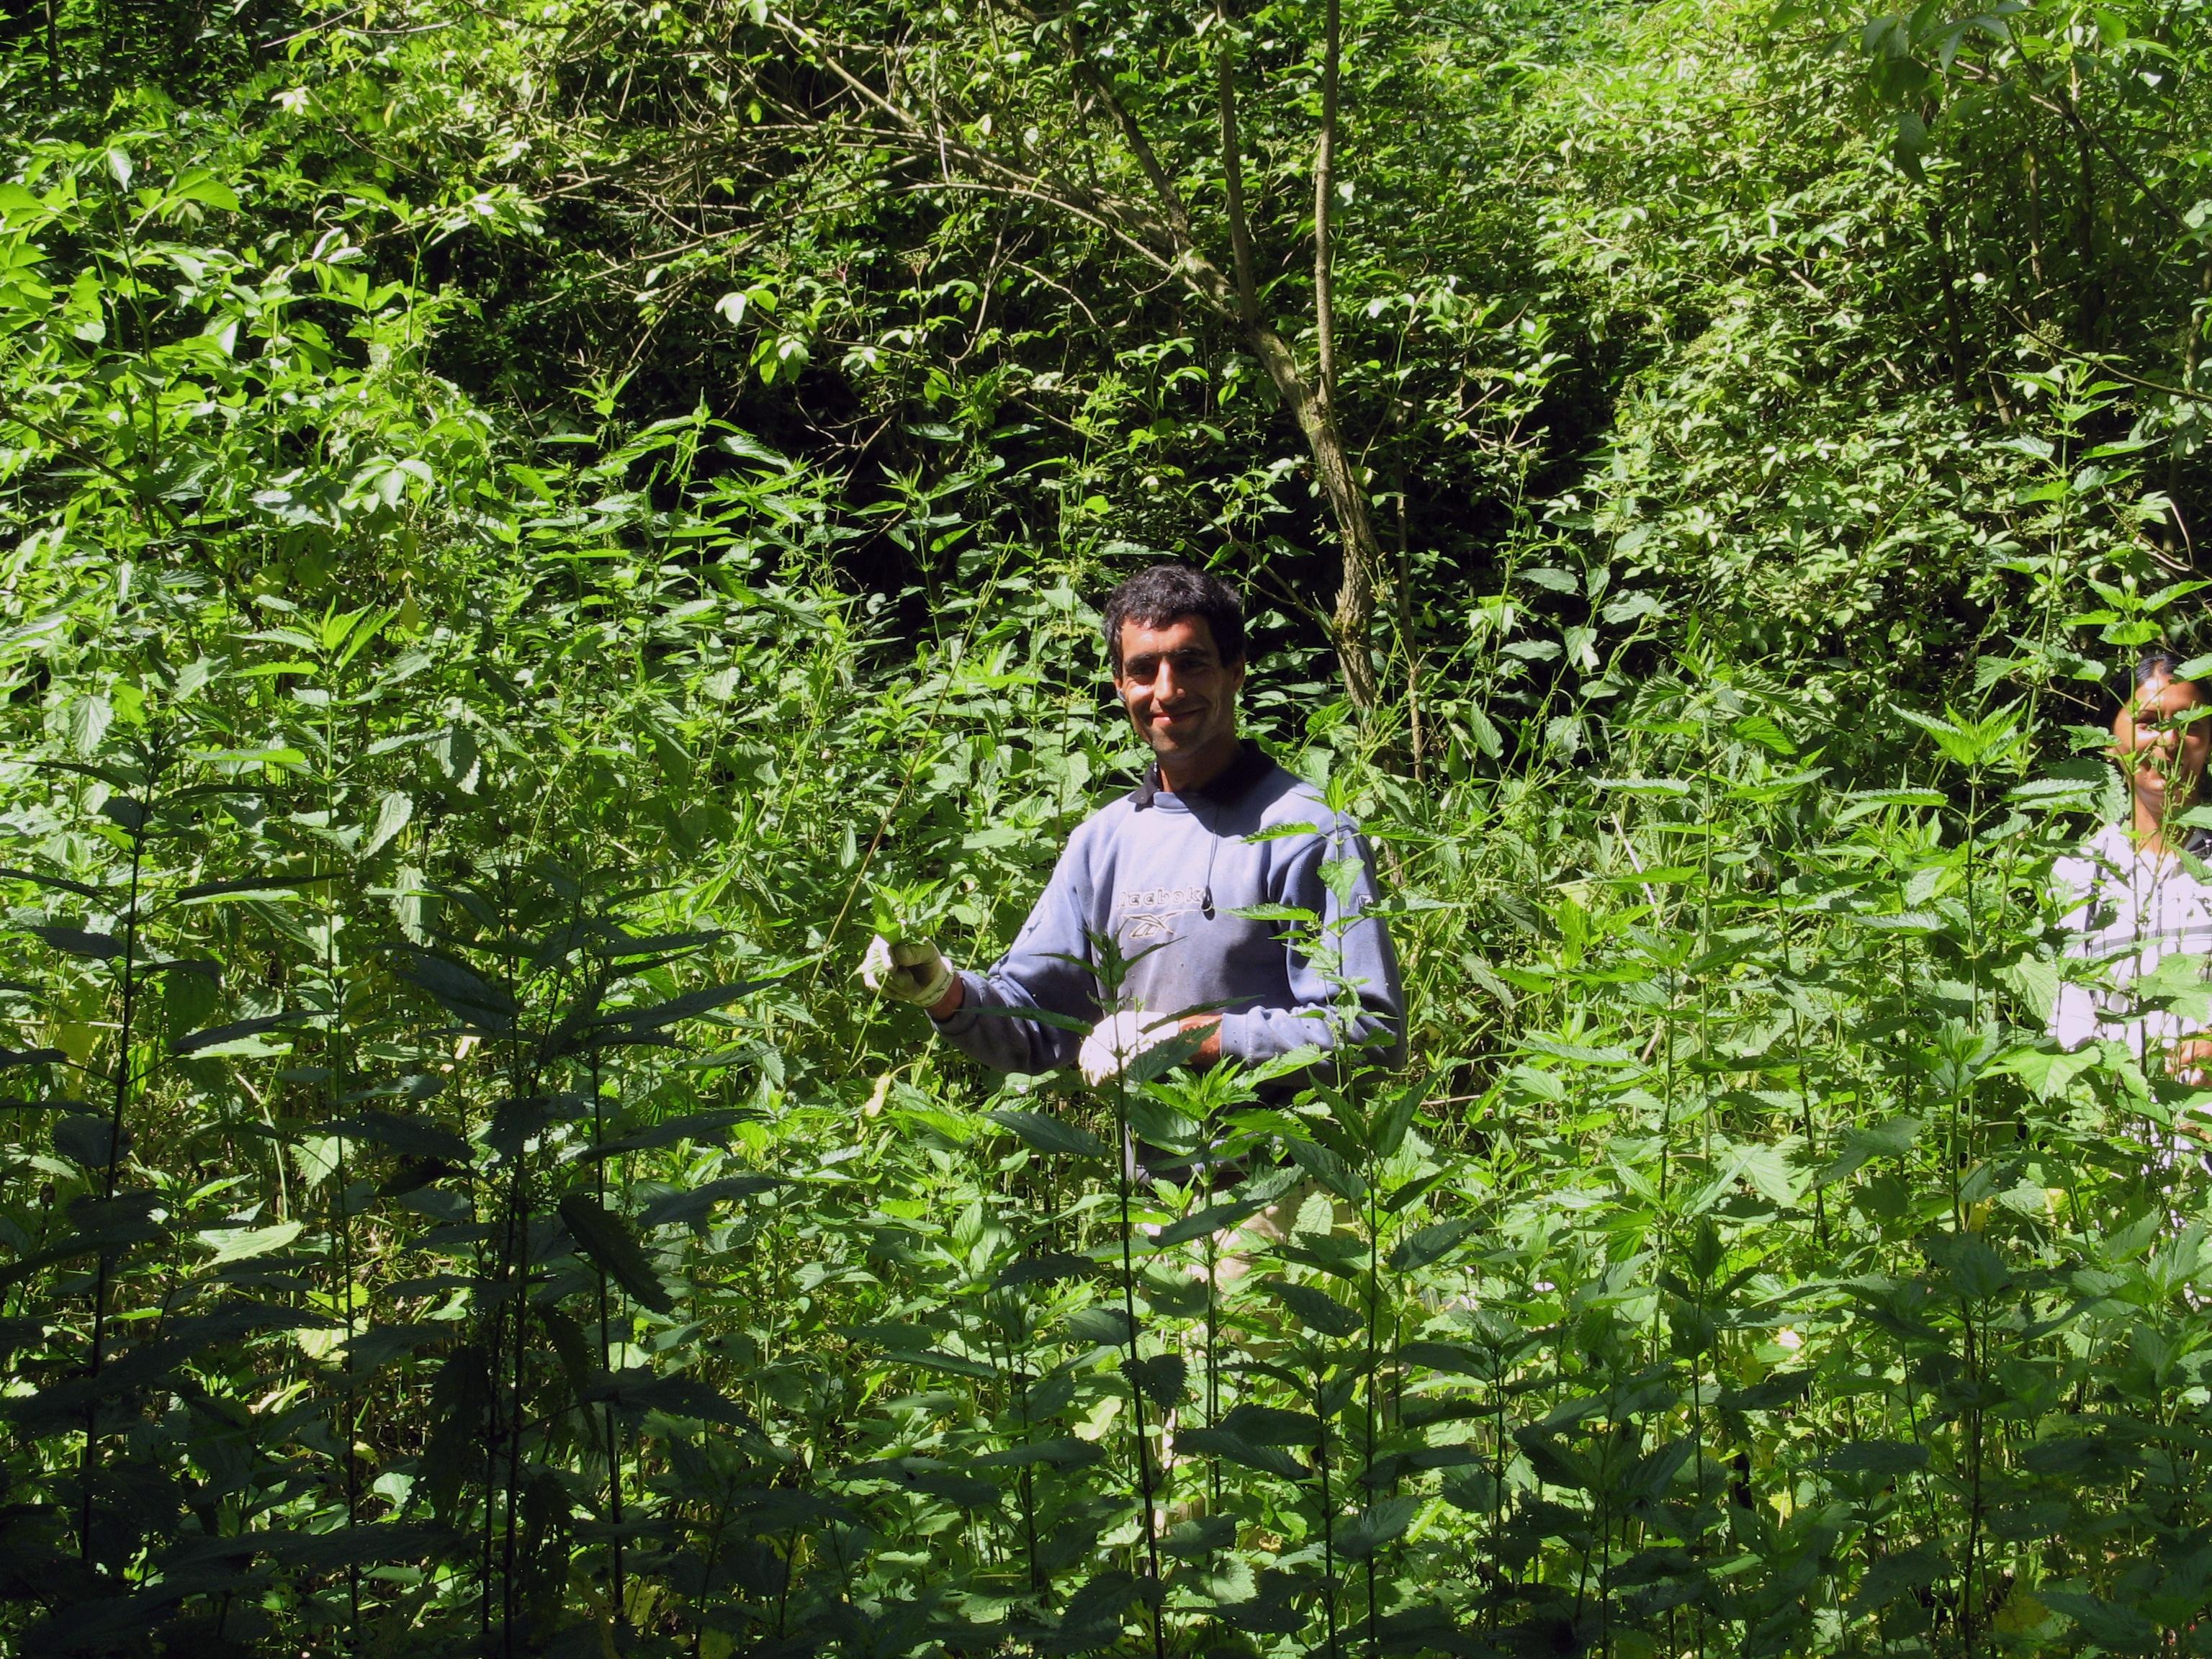 Hungarian farmer picks fresh stinging nettle in the forest